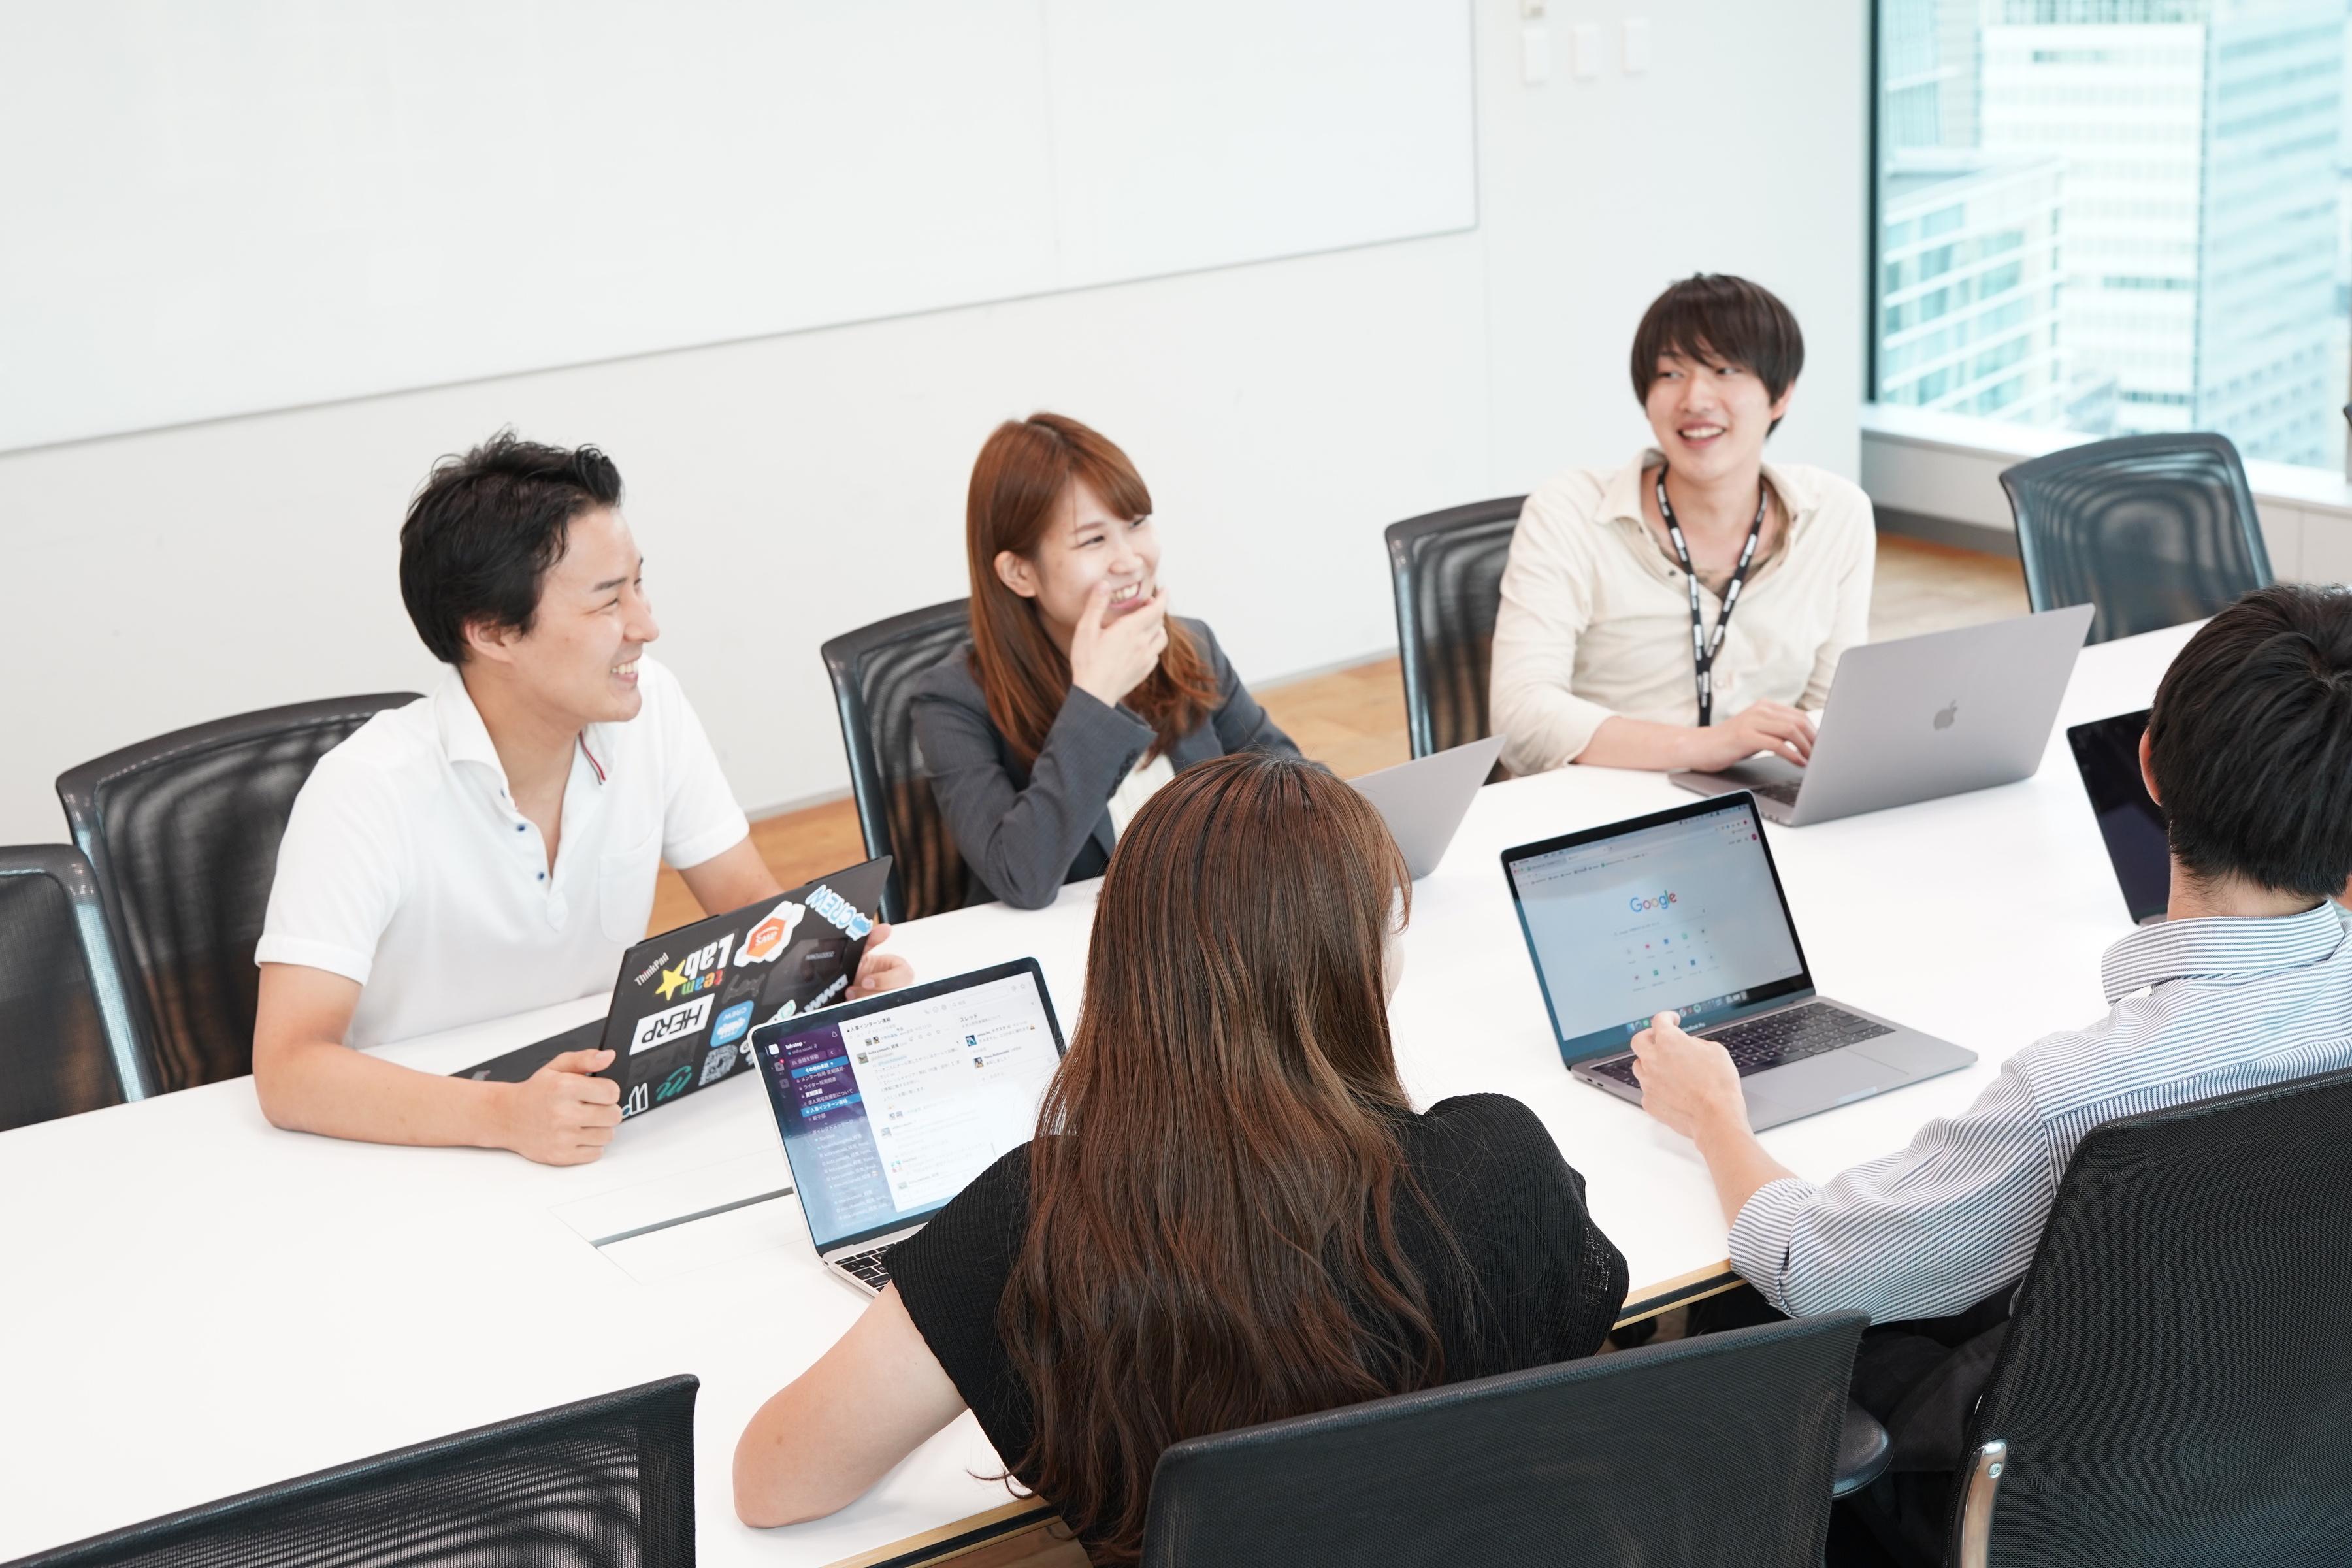 【DMM WEBCAMP@大阪】プログラミングスクールでエンジニアメンターを大募集!!!